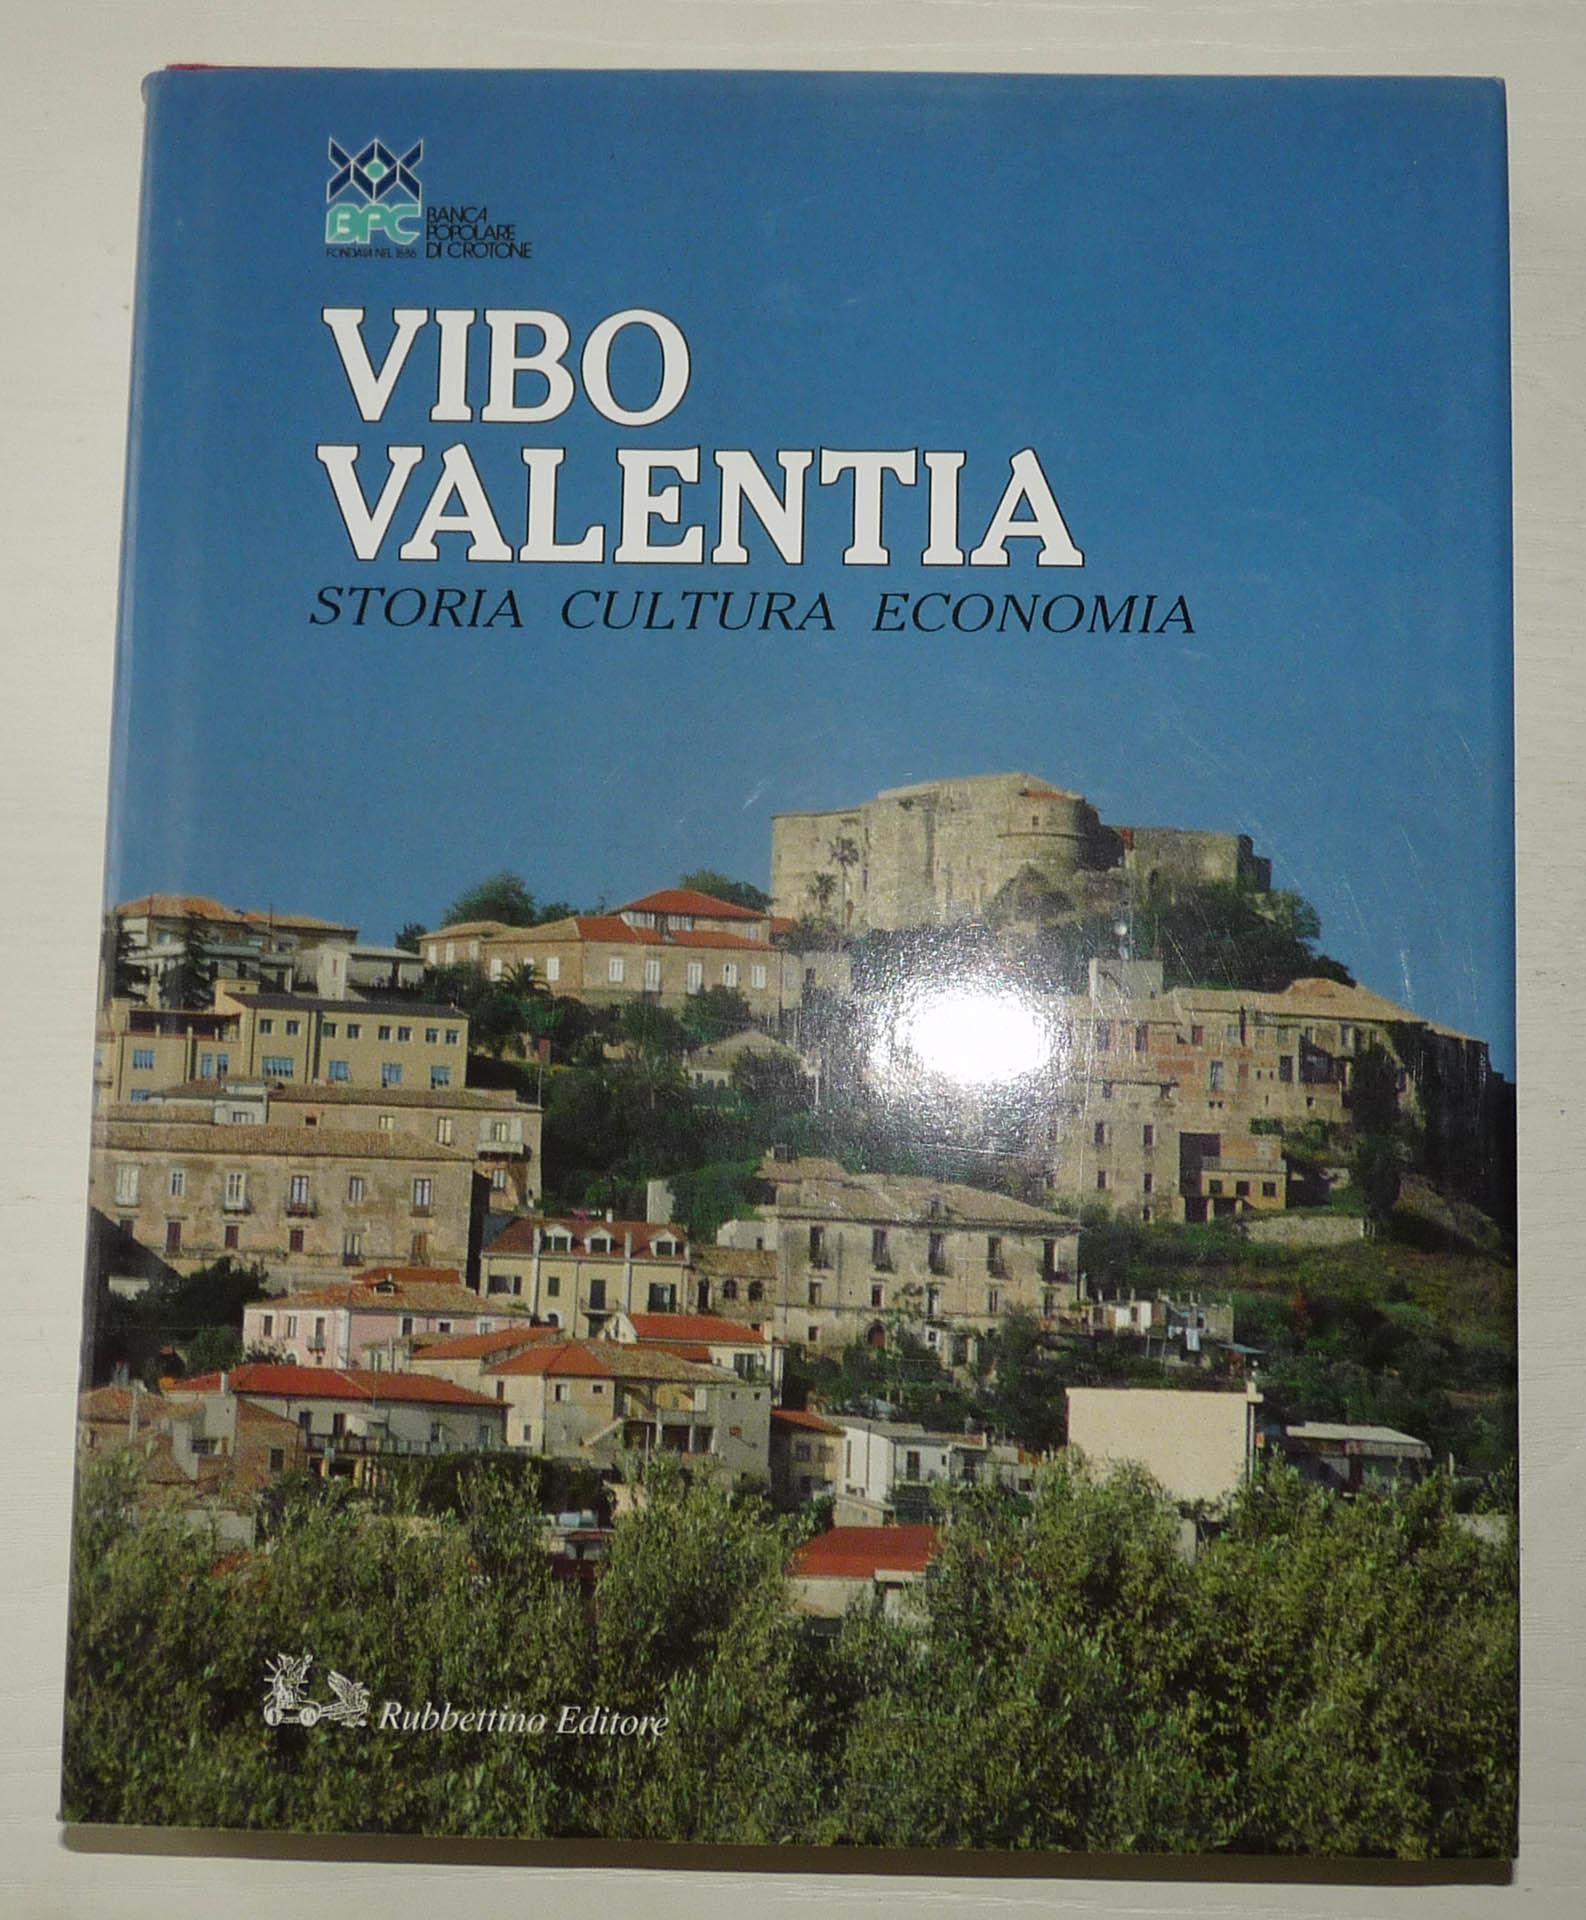 VIBO VALENTIA. Storia, cultura, economia.